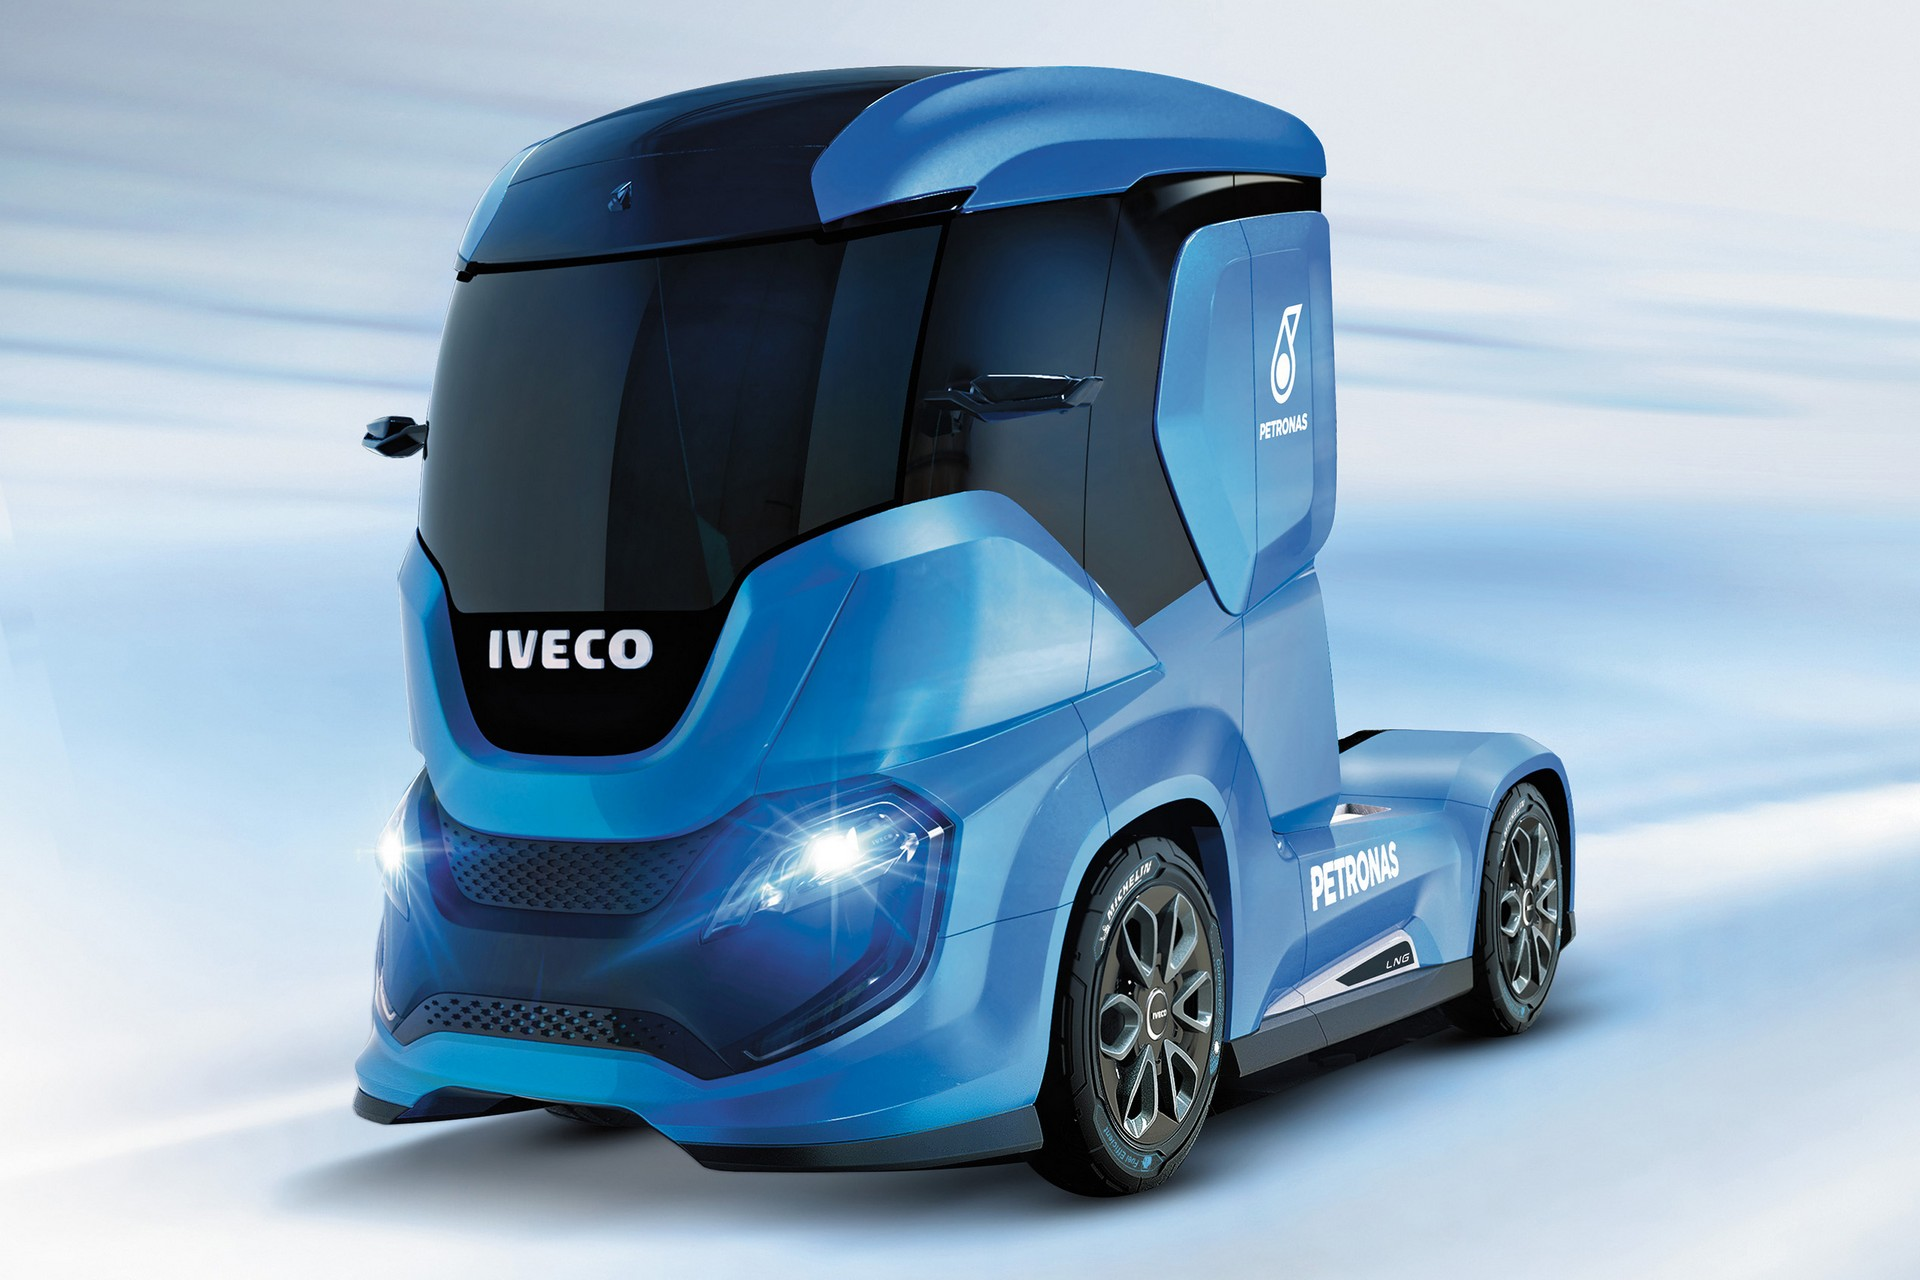 Il camion iveco z truck pu rendere sostenibile e sicuro - Foto di grandi camion ...